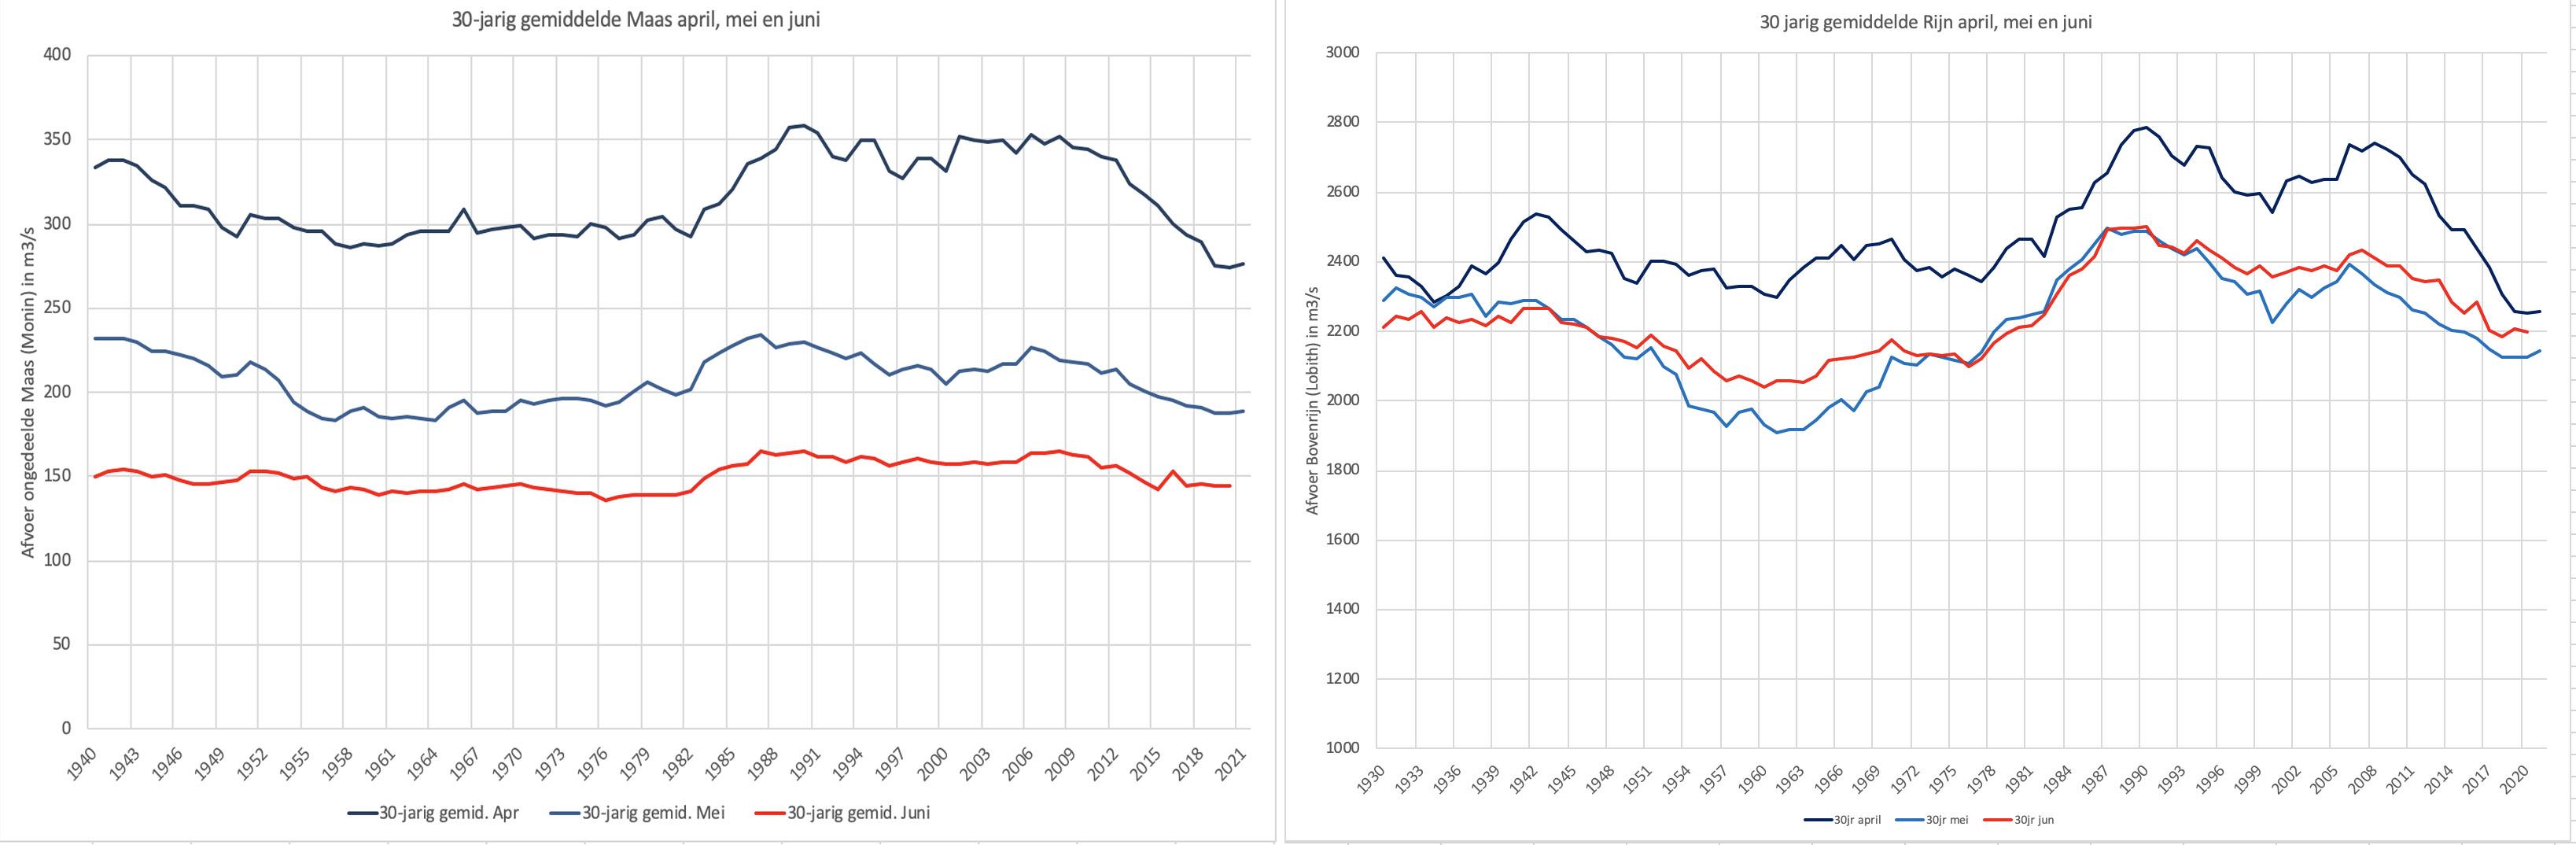 erloop van het 30 jarig gemiddelde van de maandafvoeren van april, mei en juni van de Maas (links) in vergelijking met de Rijn (rechts).